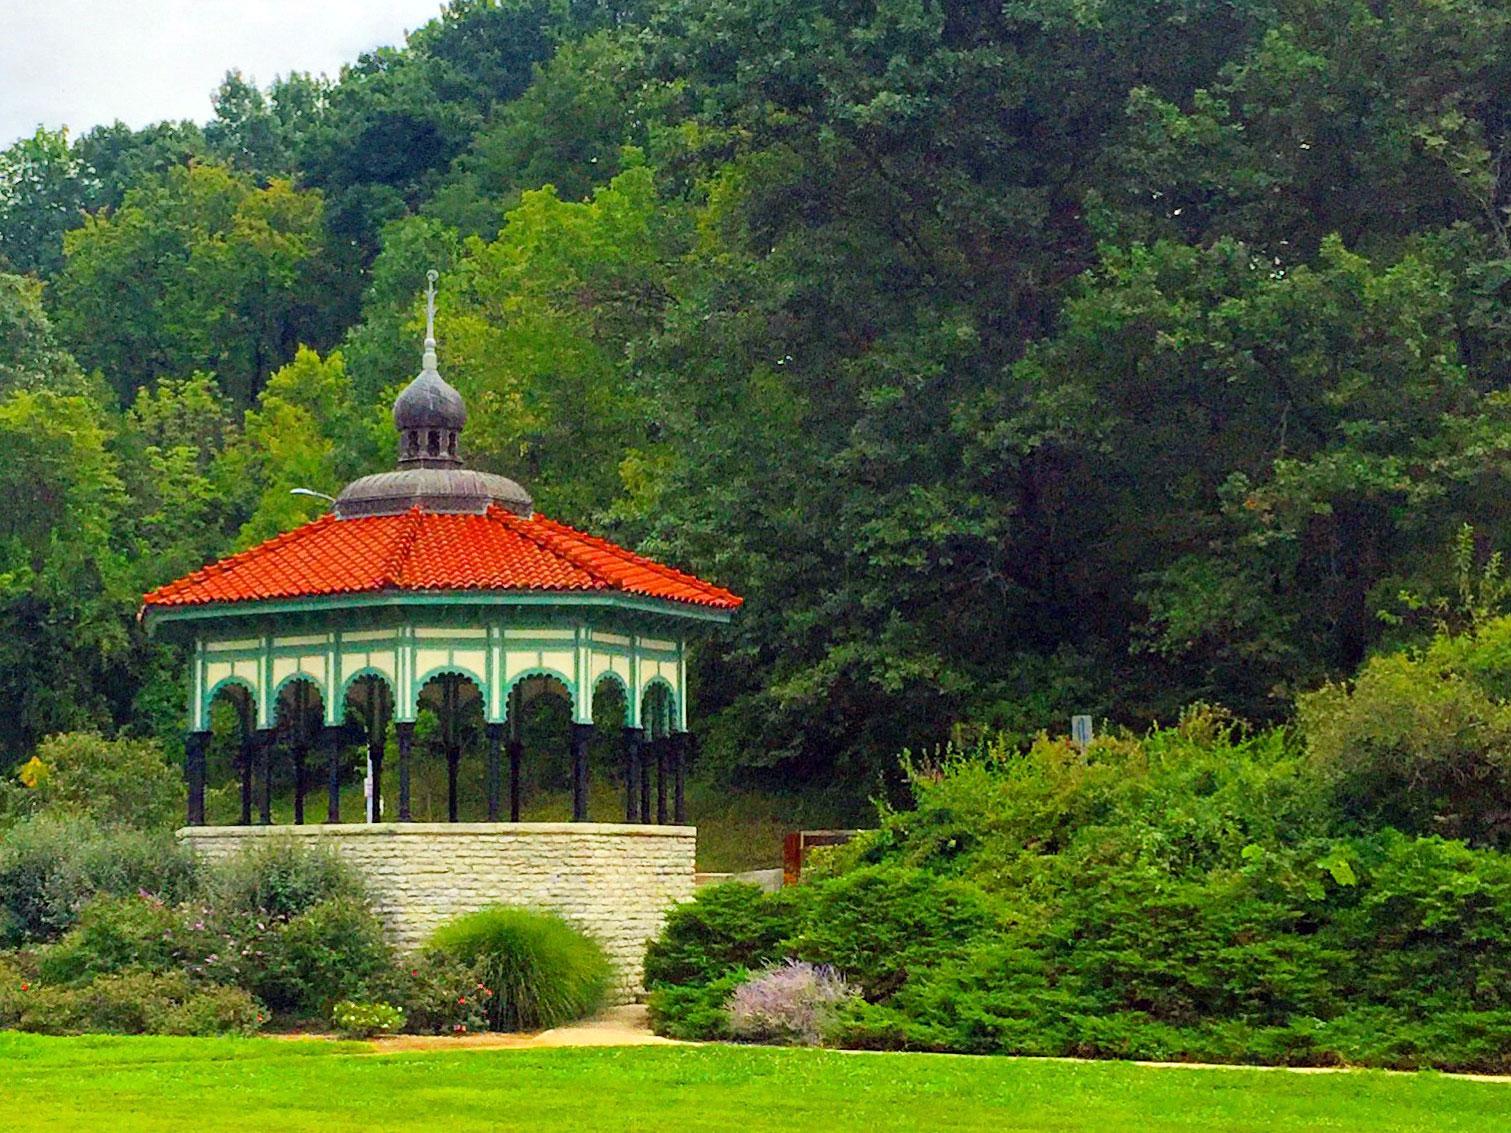 Victorian gazebo in Eden Park, Cincinnati